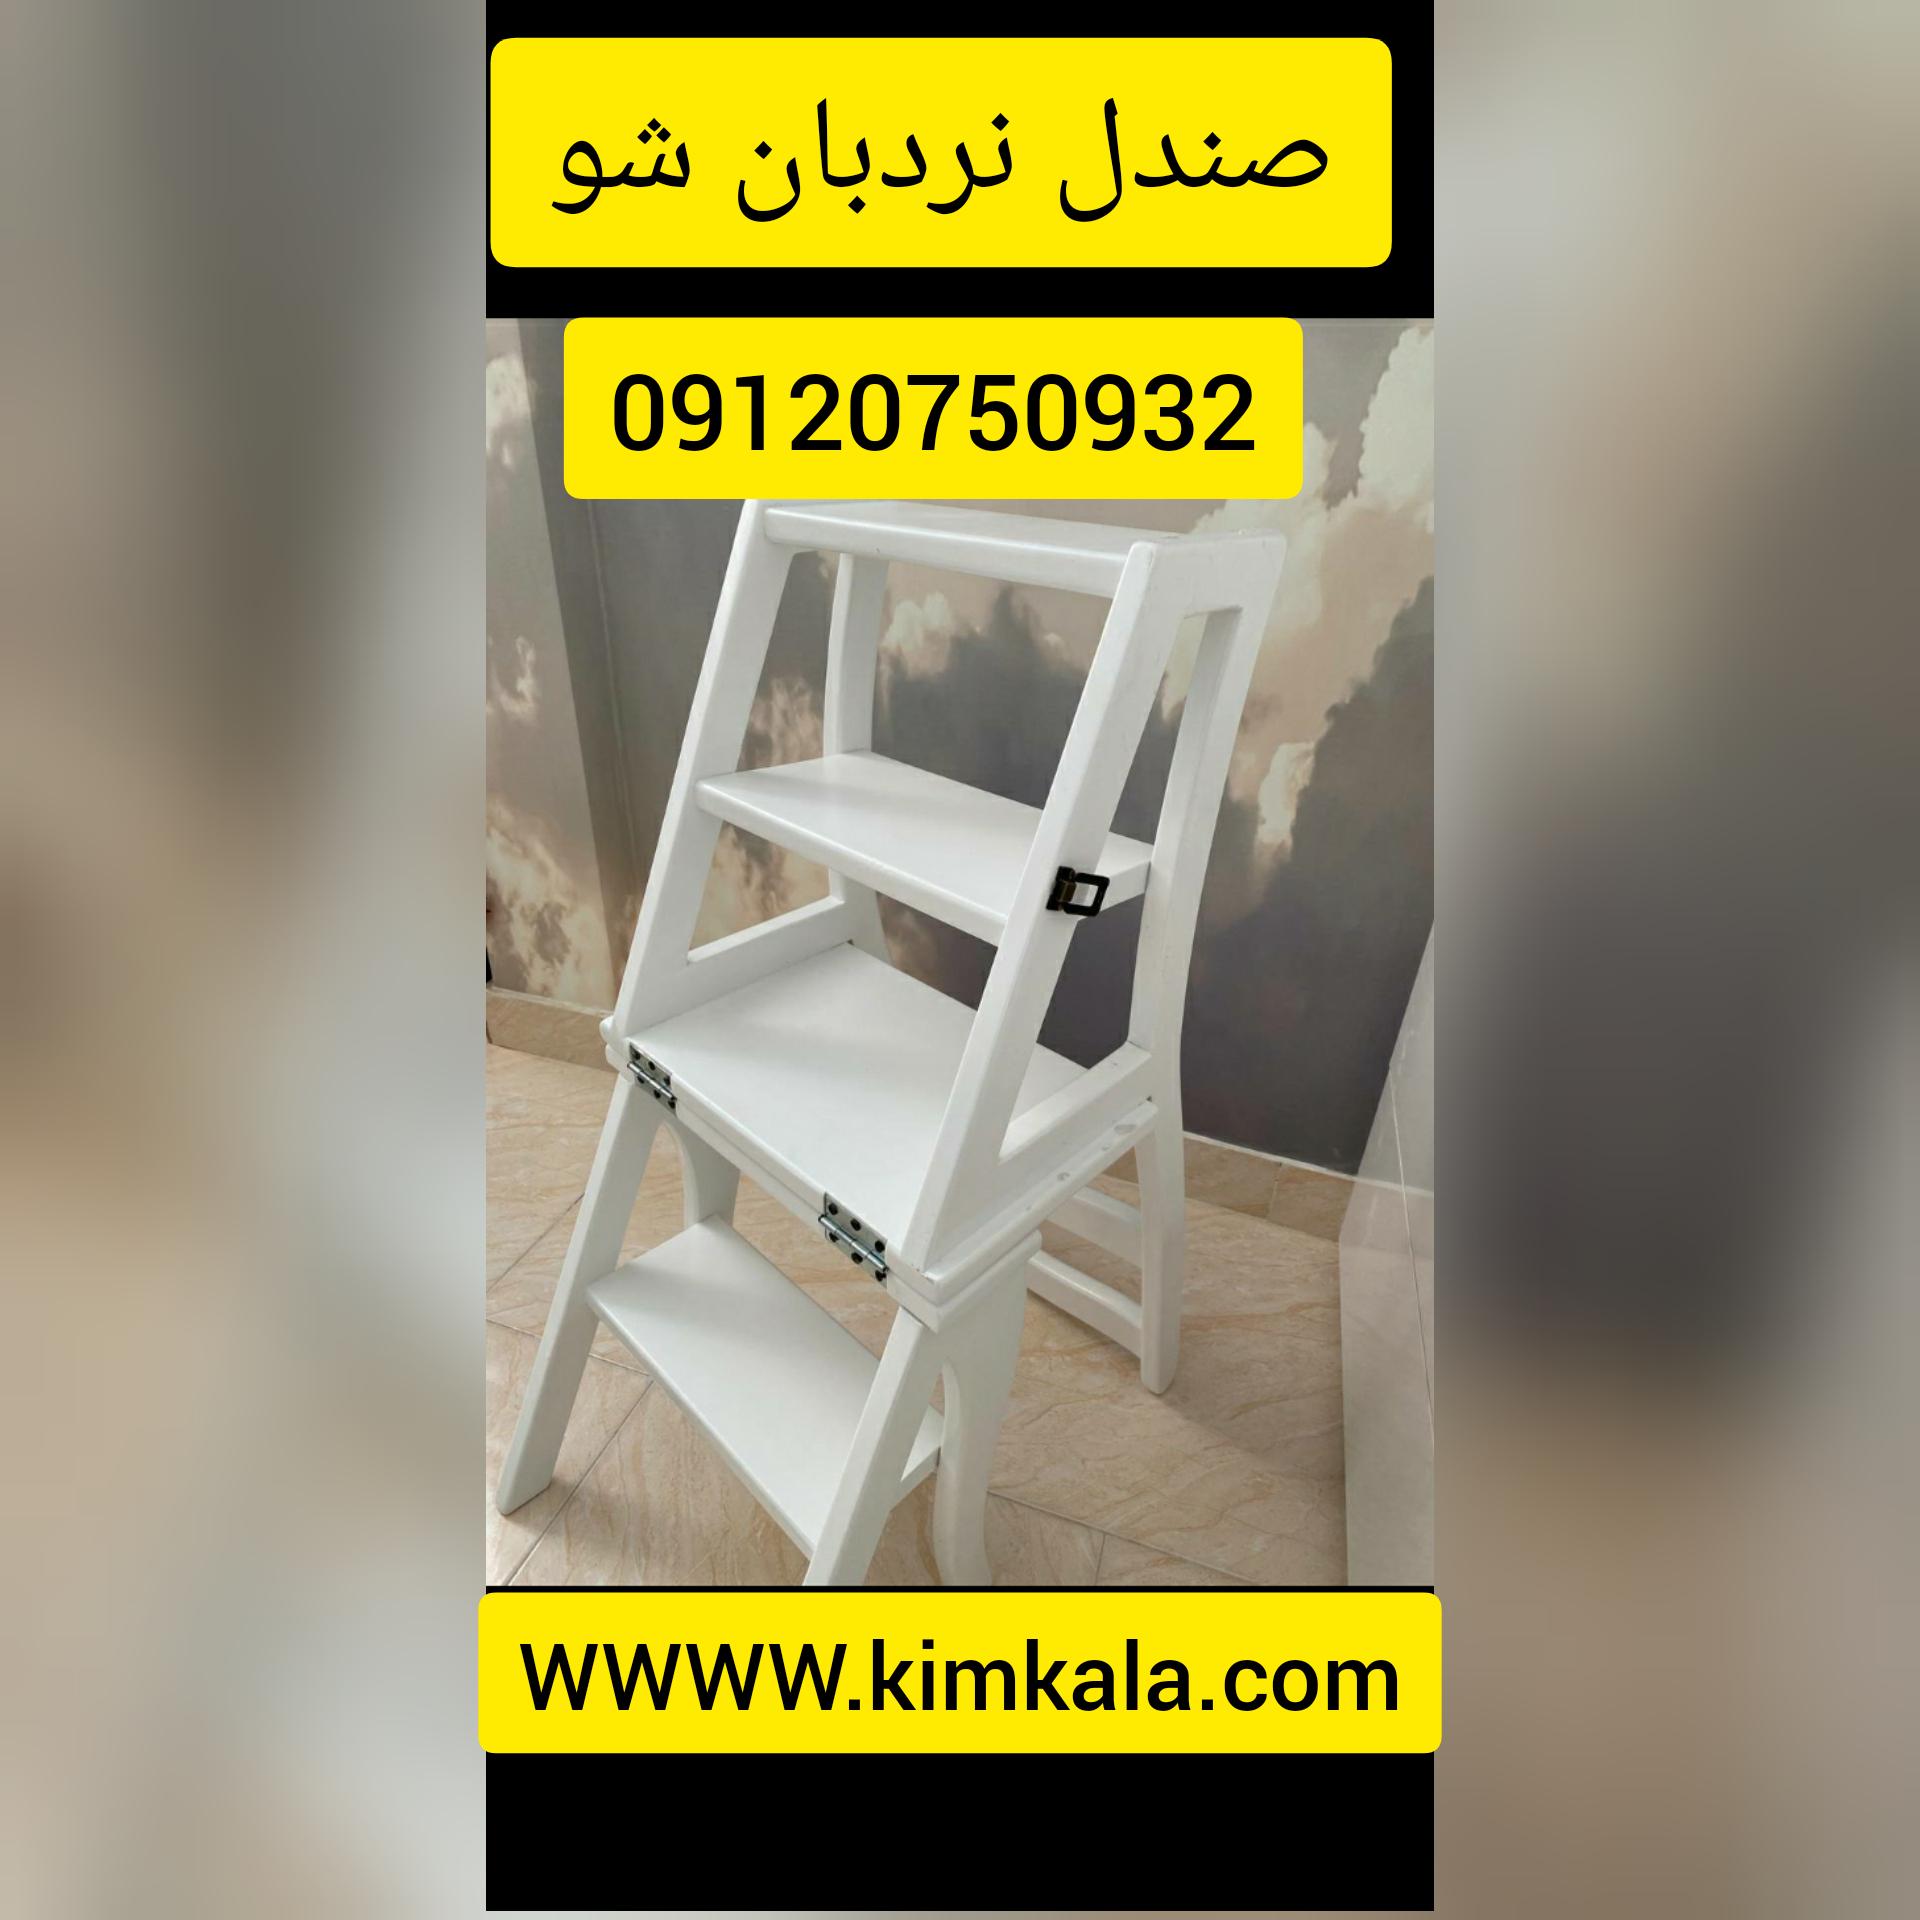 صندل نردبان شو/09120750932/ این صندلی چند کاره است این صندلی بسیار سبک می باشد